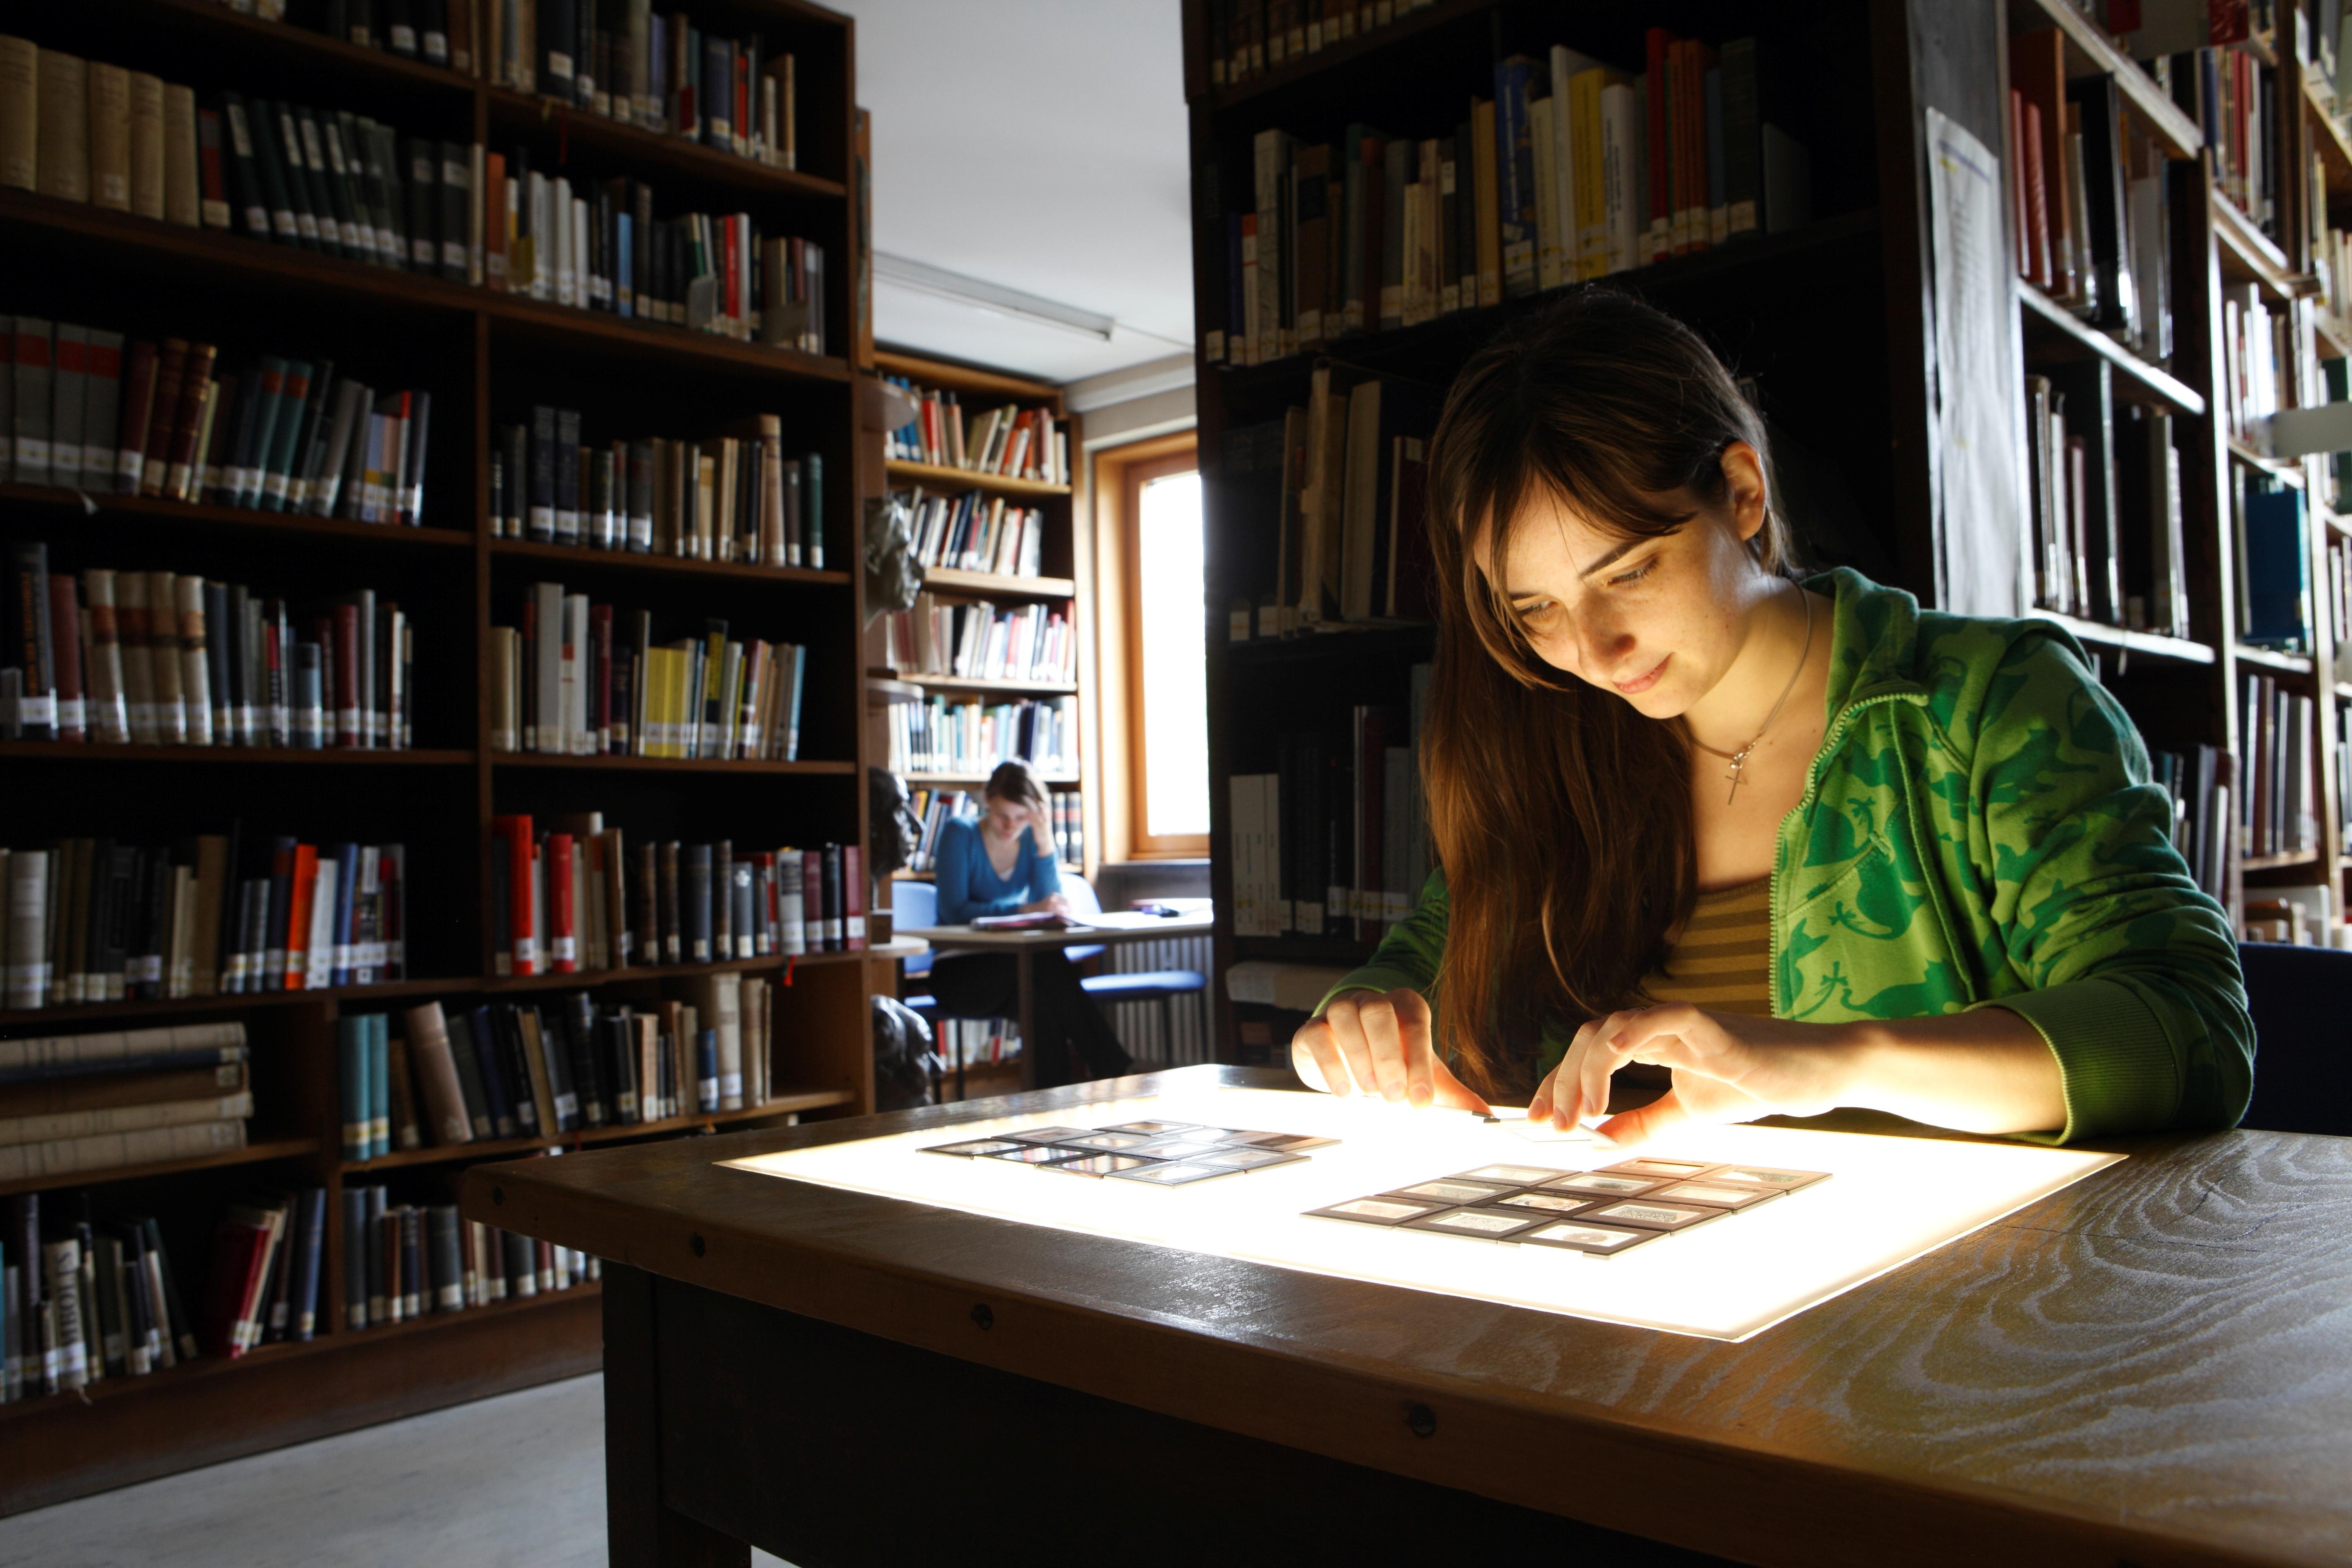 Kunstgeschichte Studium Berufsaussichten